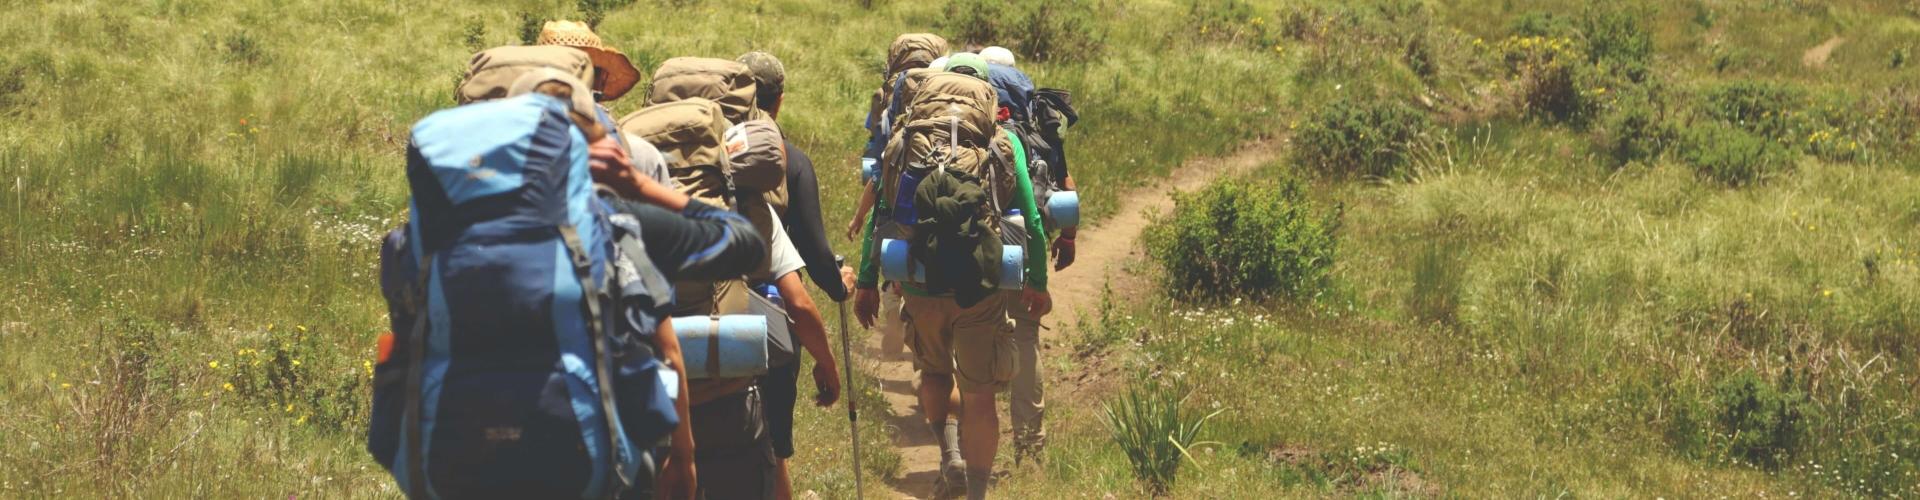 Outdoor reizen: hiken